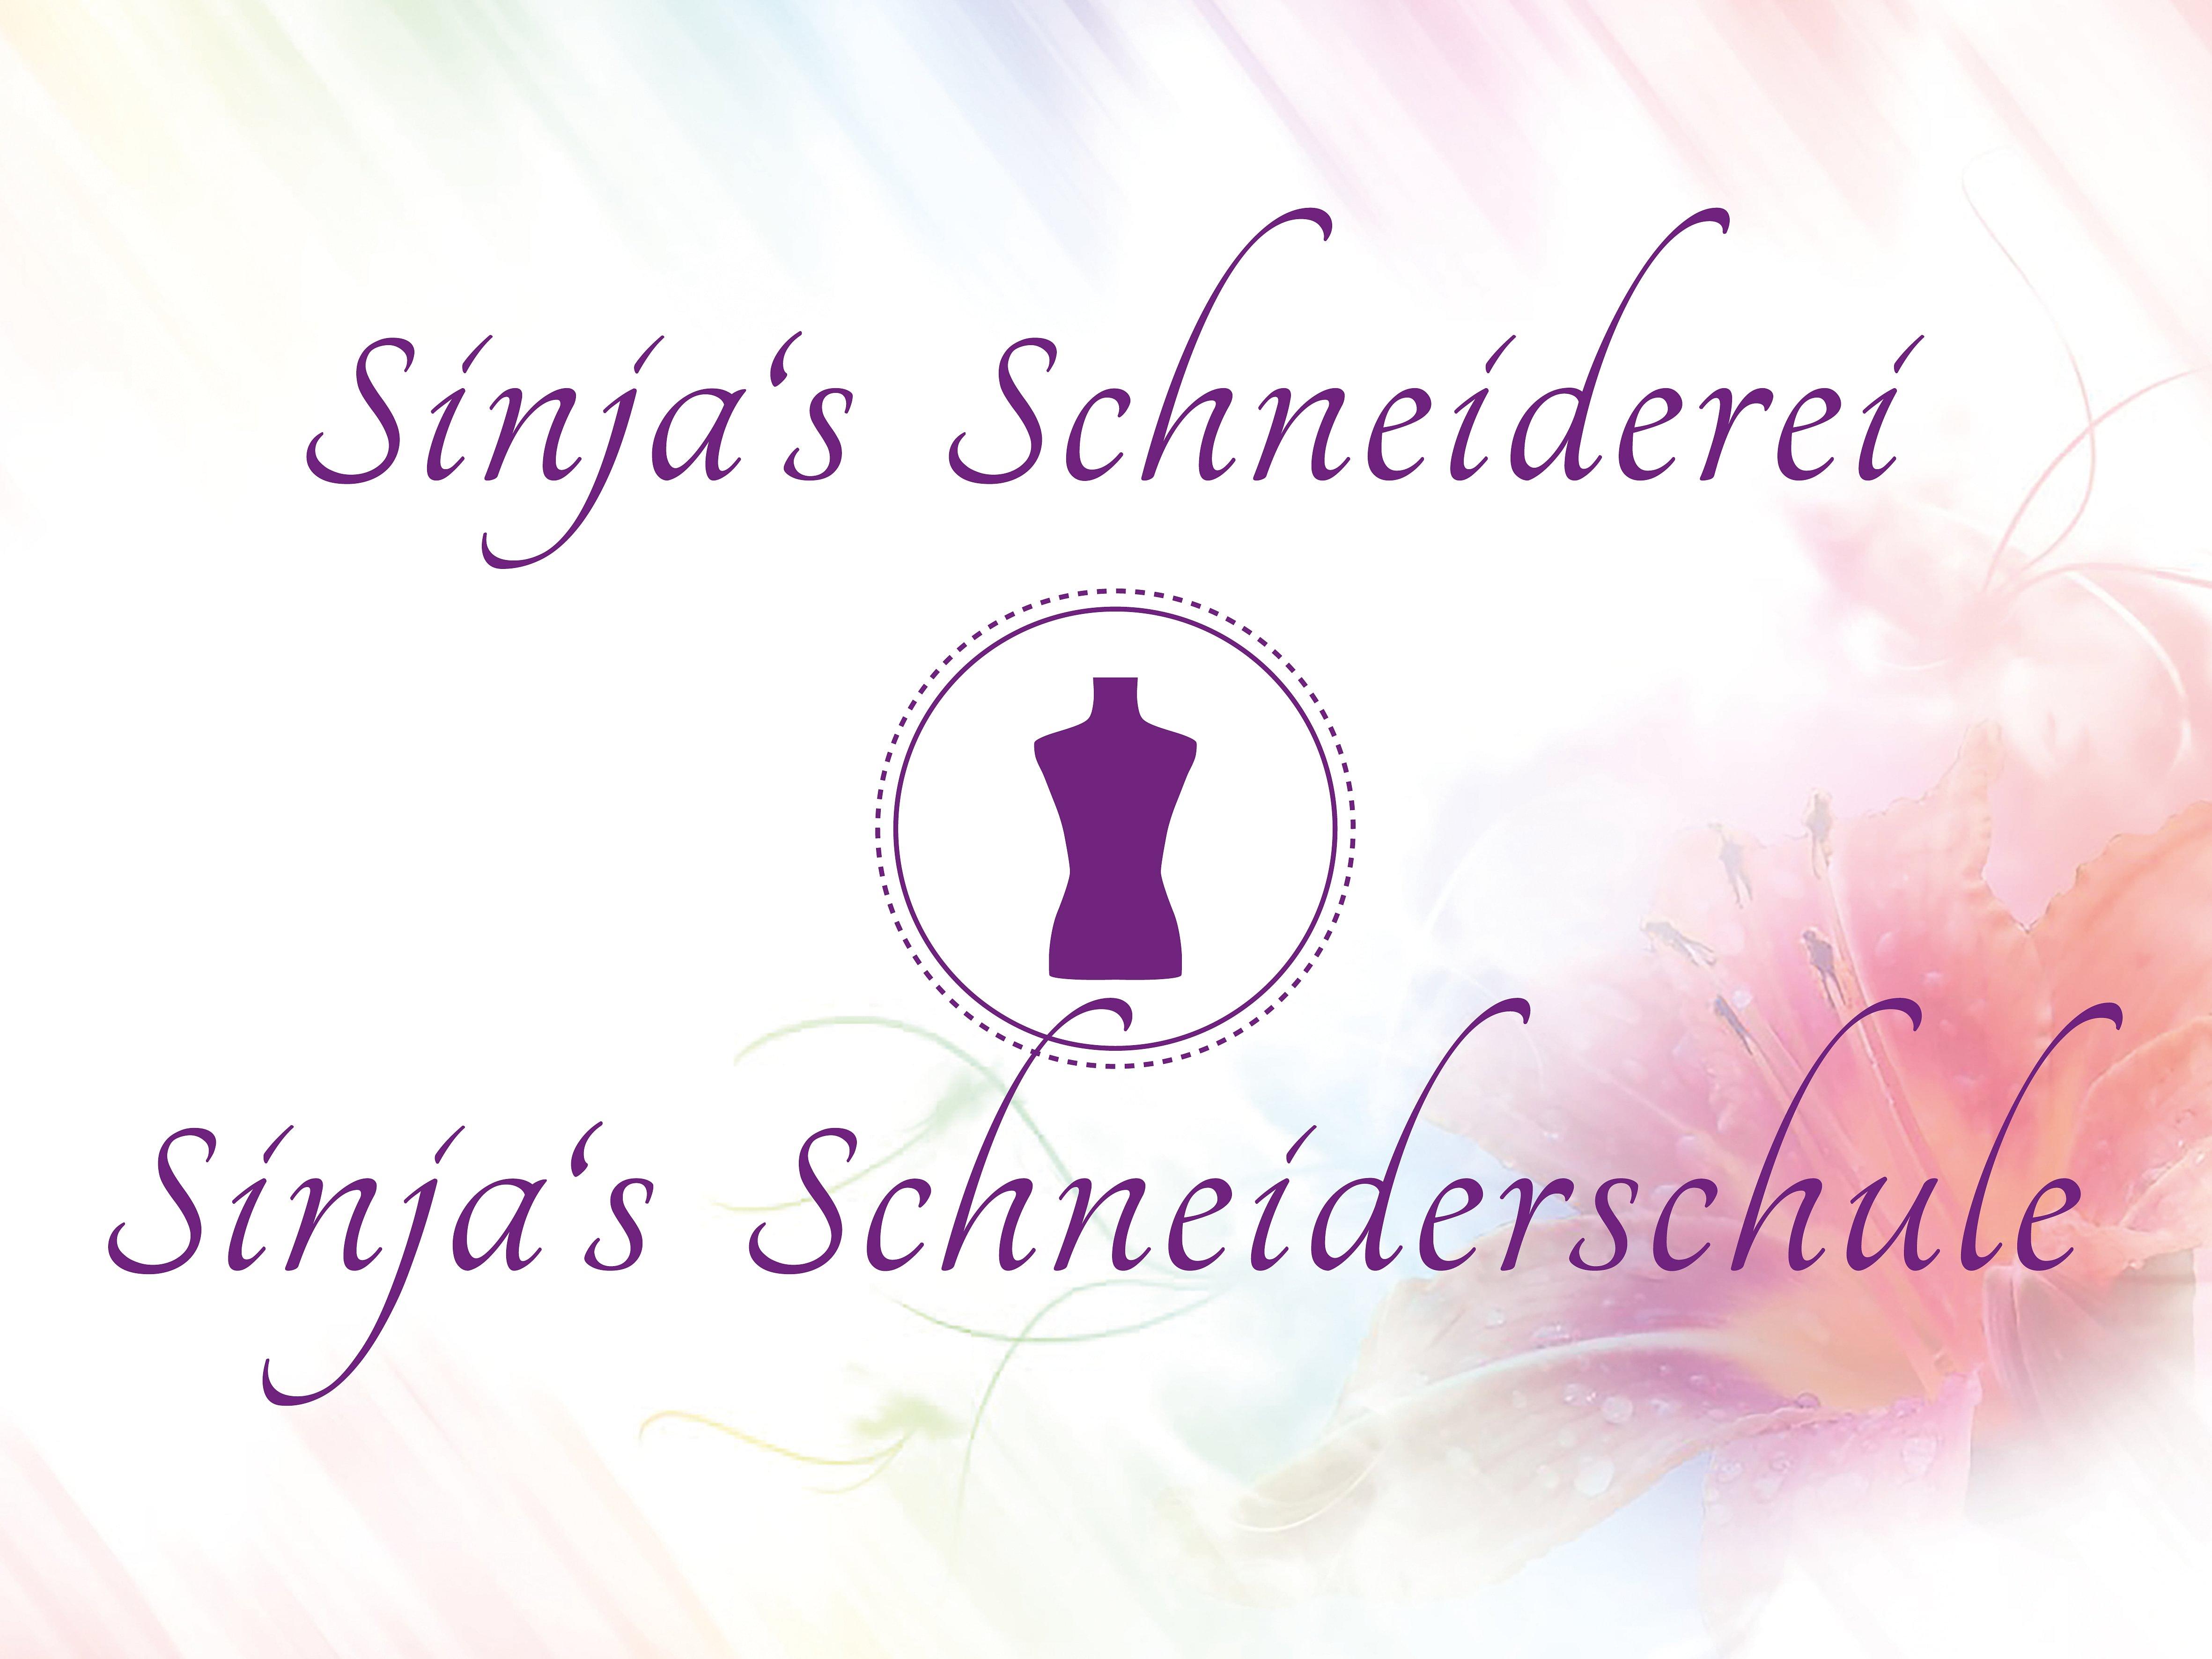 Sinja's Schneiderei und Schneiderschule